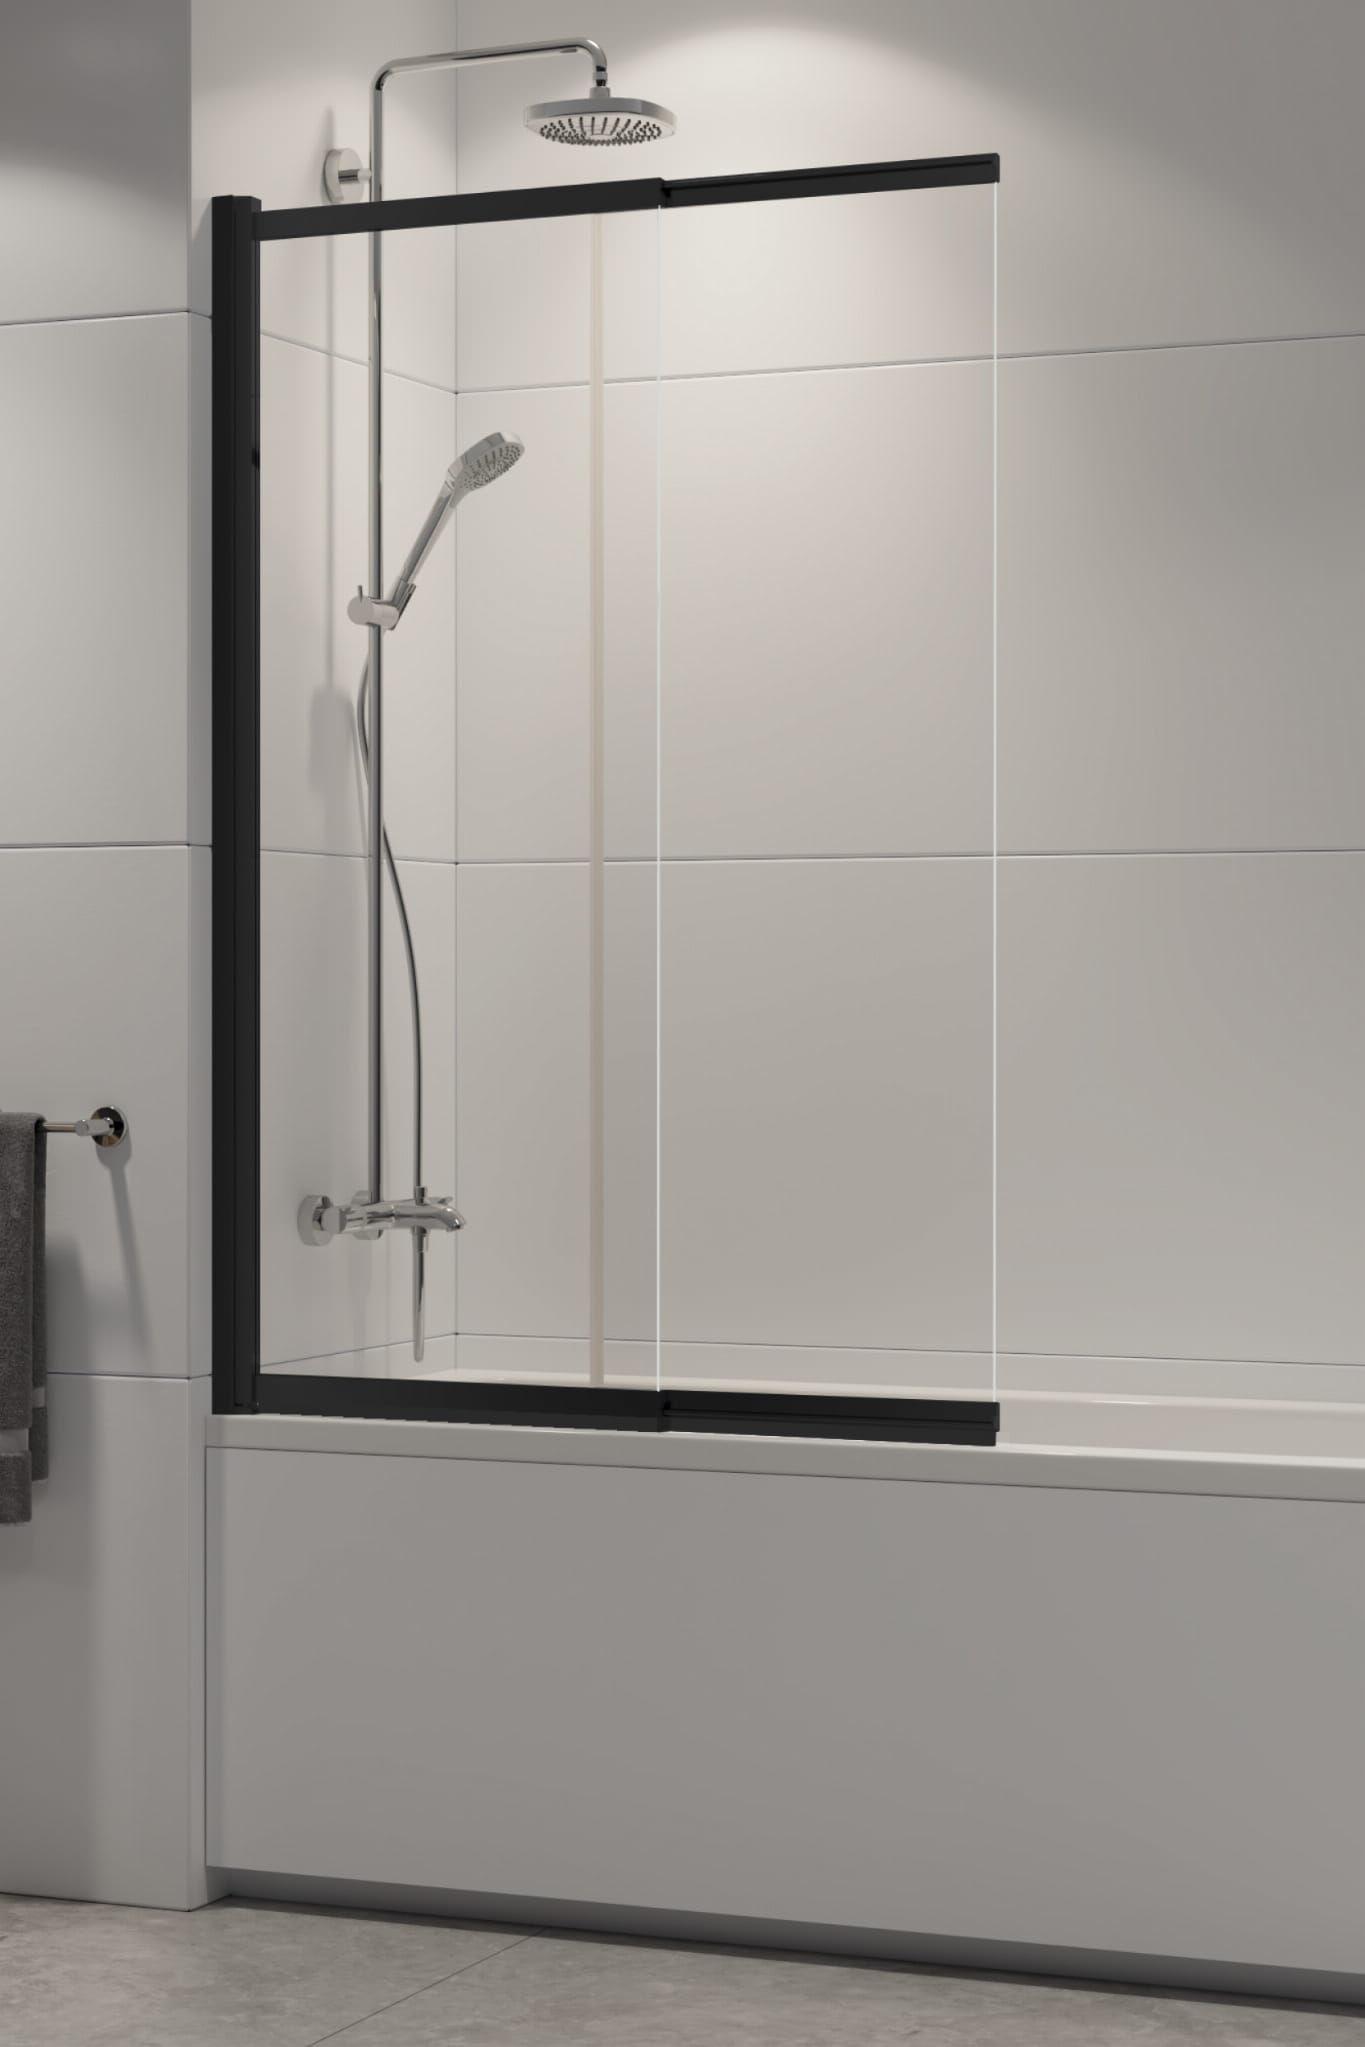 New Trendy parawan nawannowy Sensi Black 85 cm, wys. 150 cm, szkło czyste 5 mm P-0045